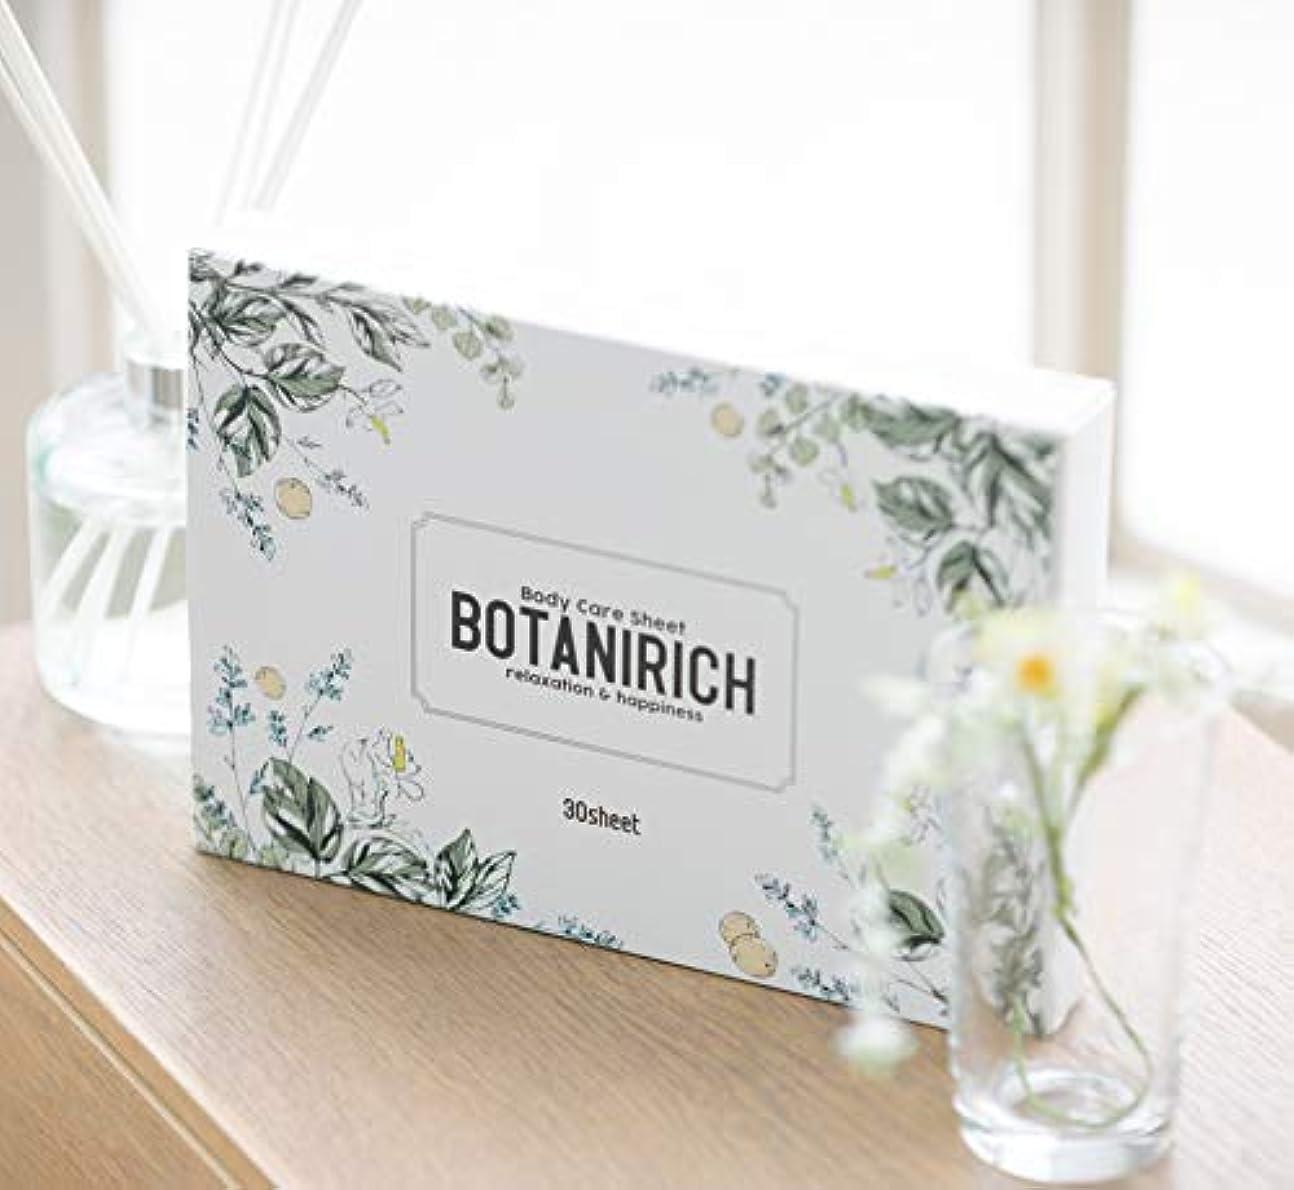 仕えるプット雑草BOTANIRICH ボタニリッチ 医療機器取得の樹液シート 30枚 足裏シート 足スッキリ